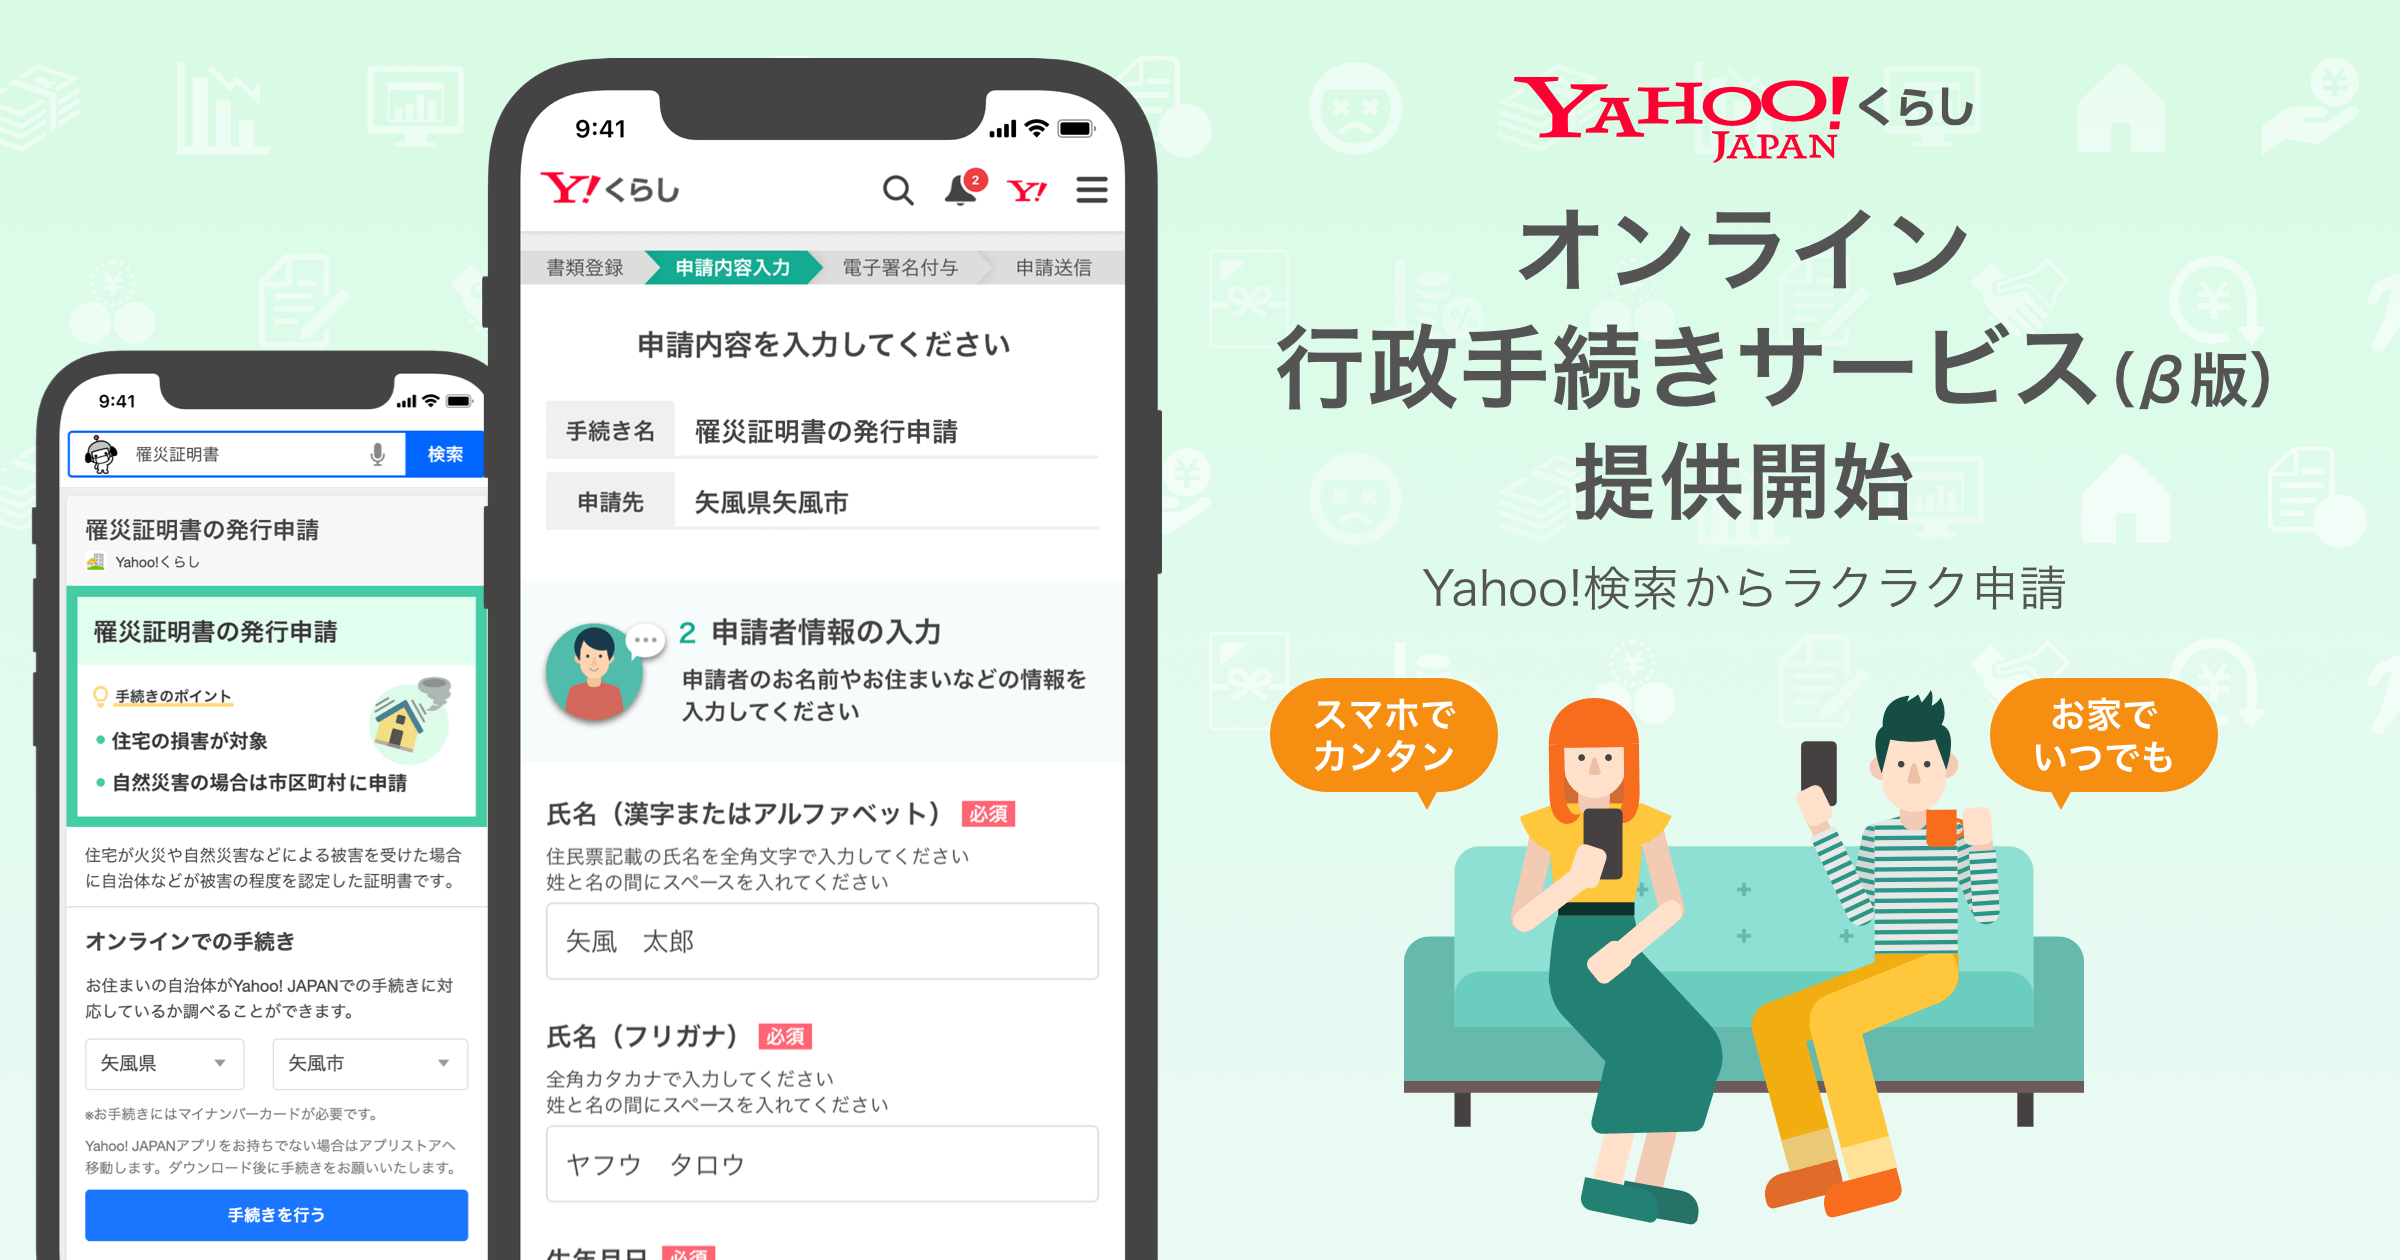 ヤフー、「マイナポータル」と連携した行政手続オンライン申請サービスを開始[ニュース]